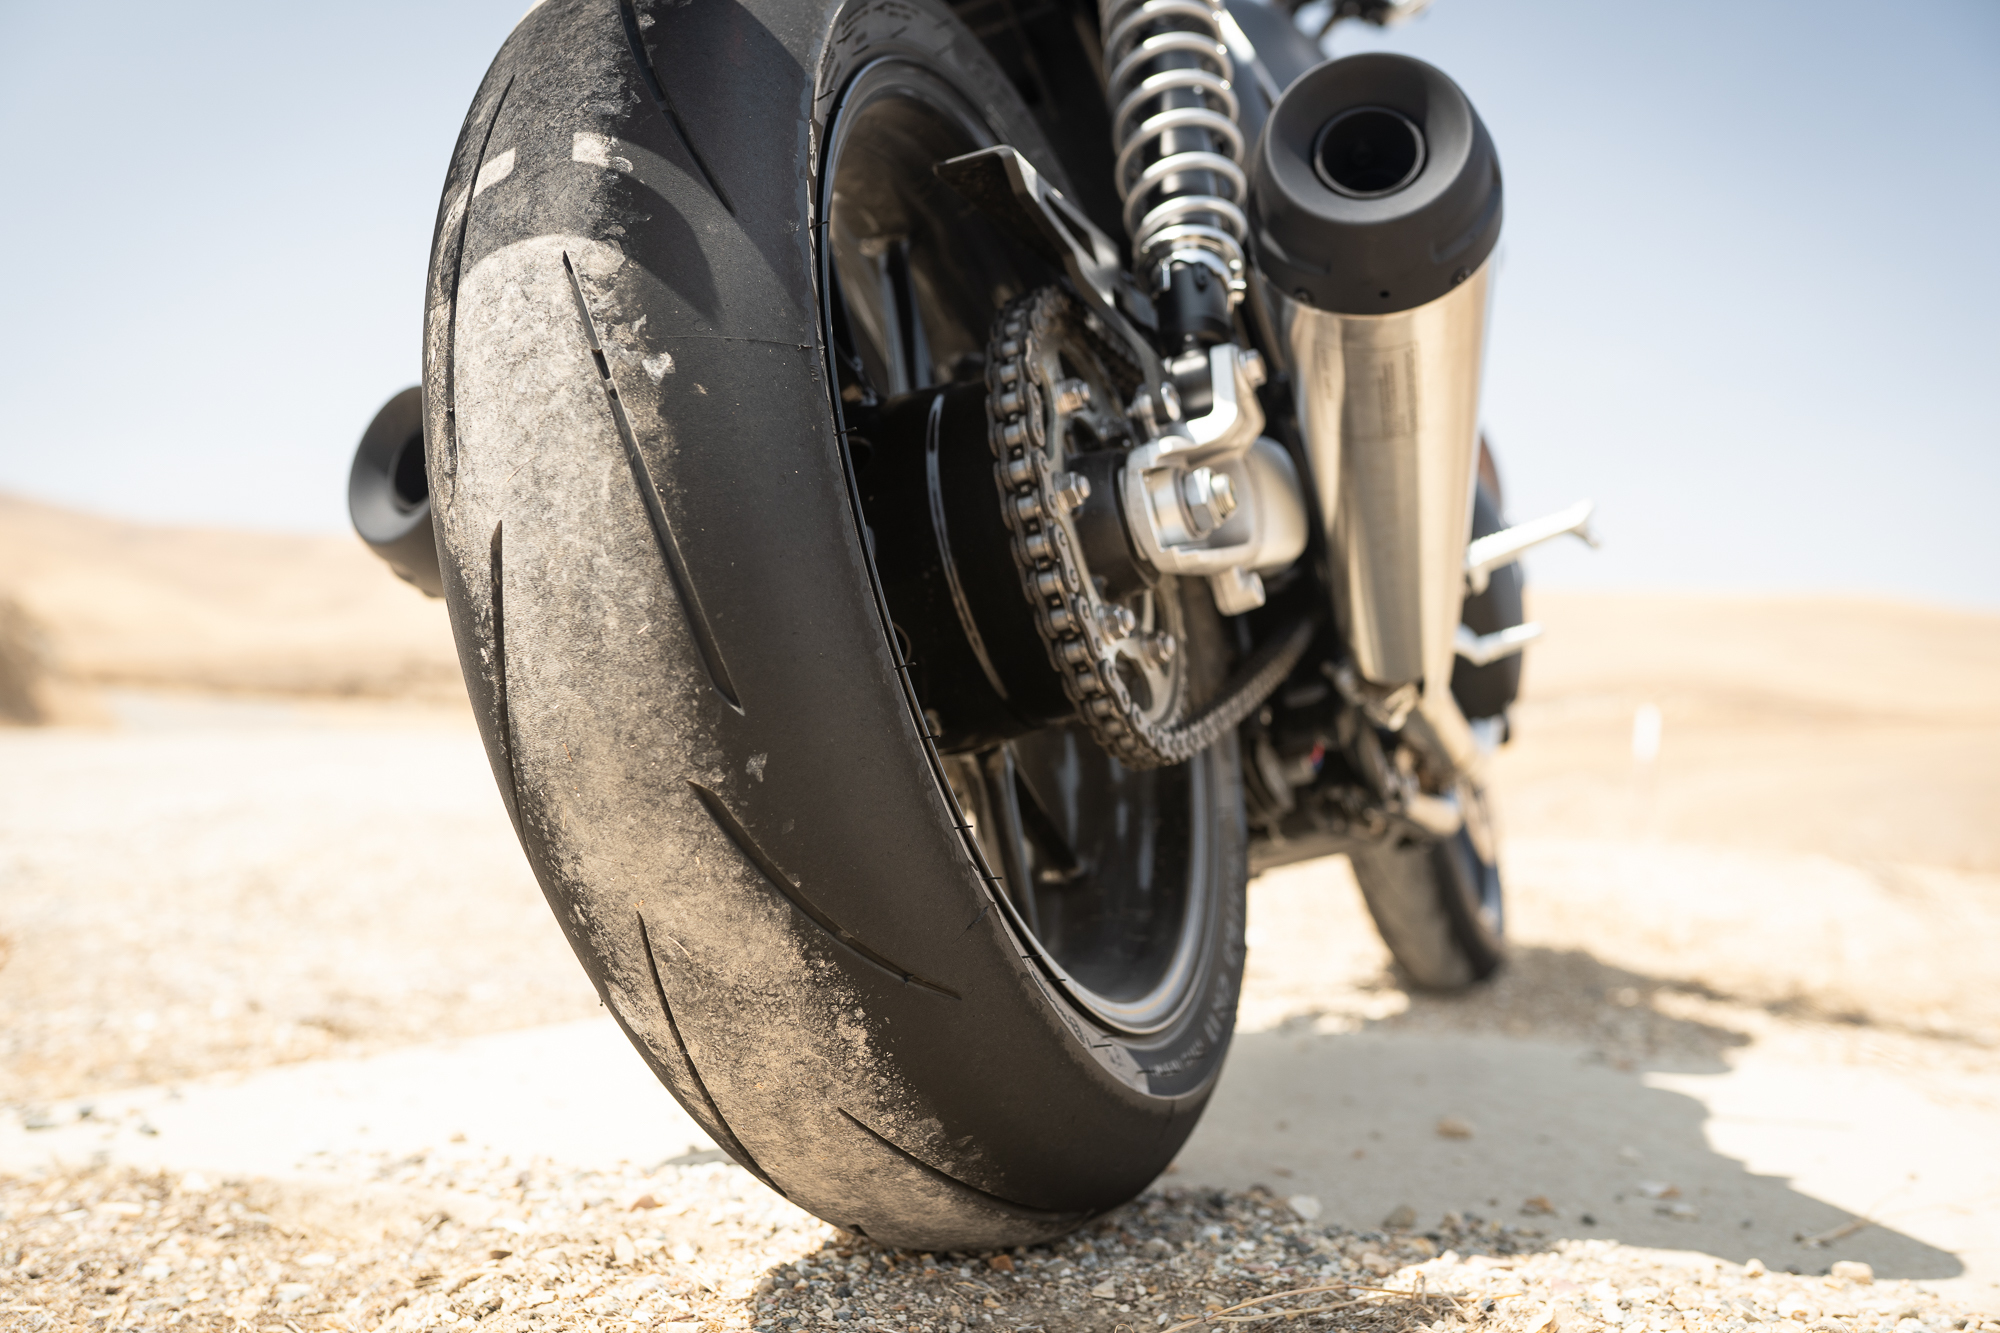 Triumph Speed Twin rear tire sprocket detail